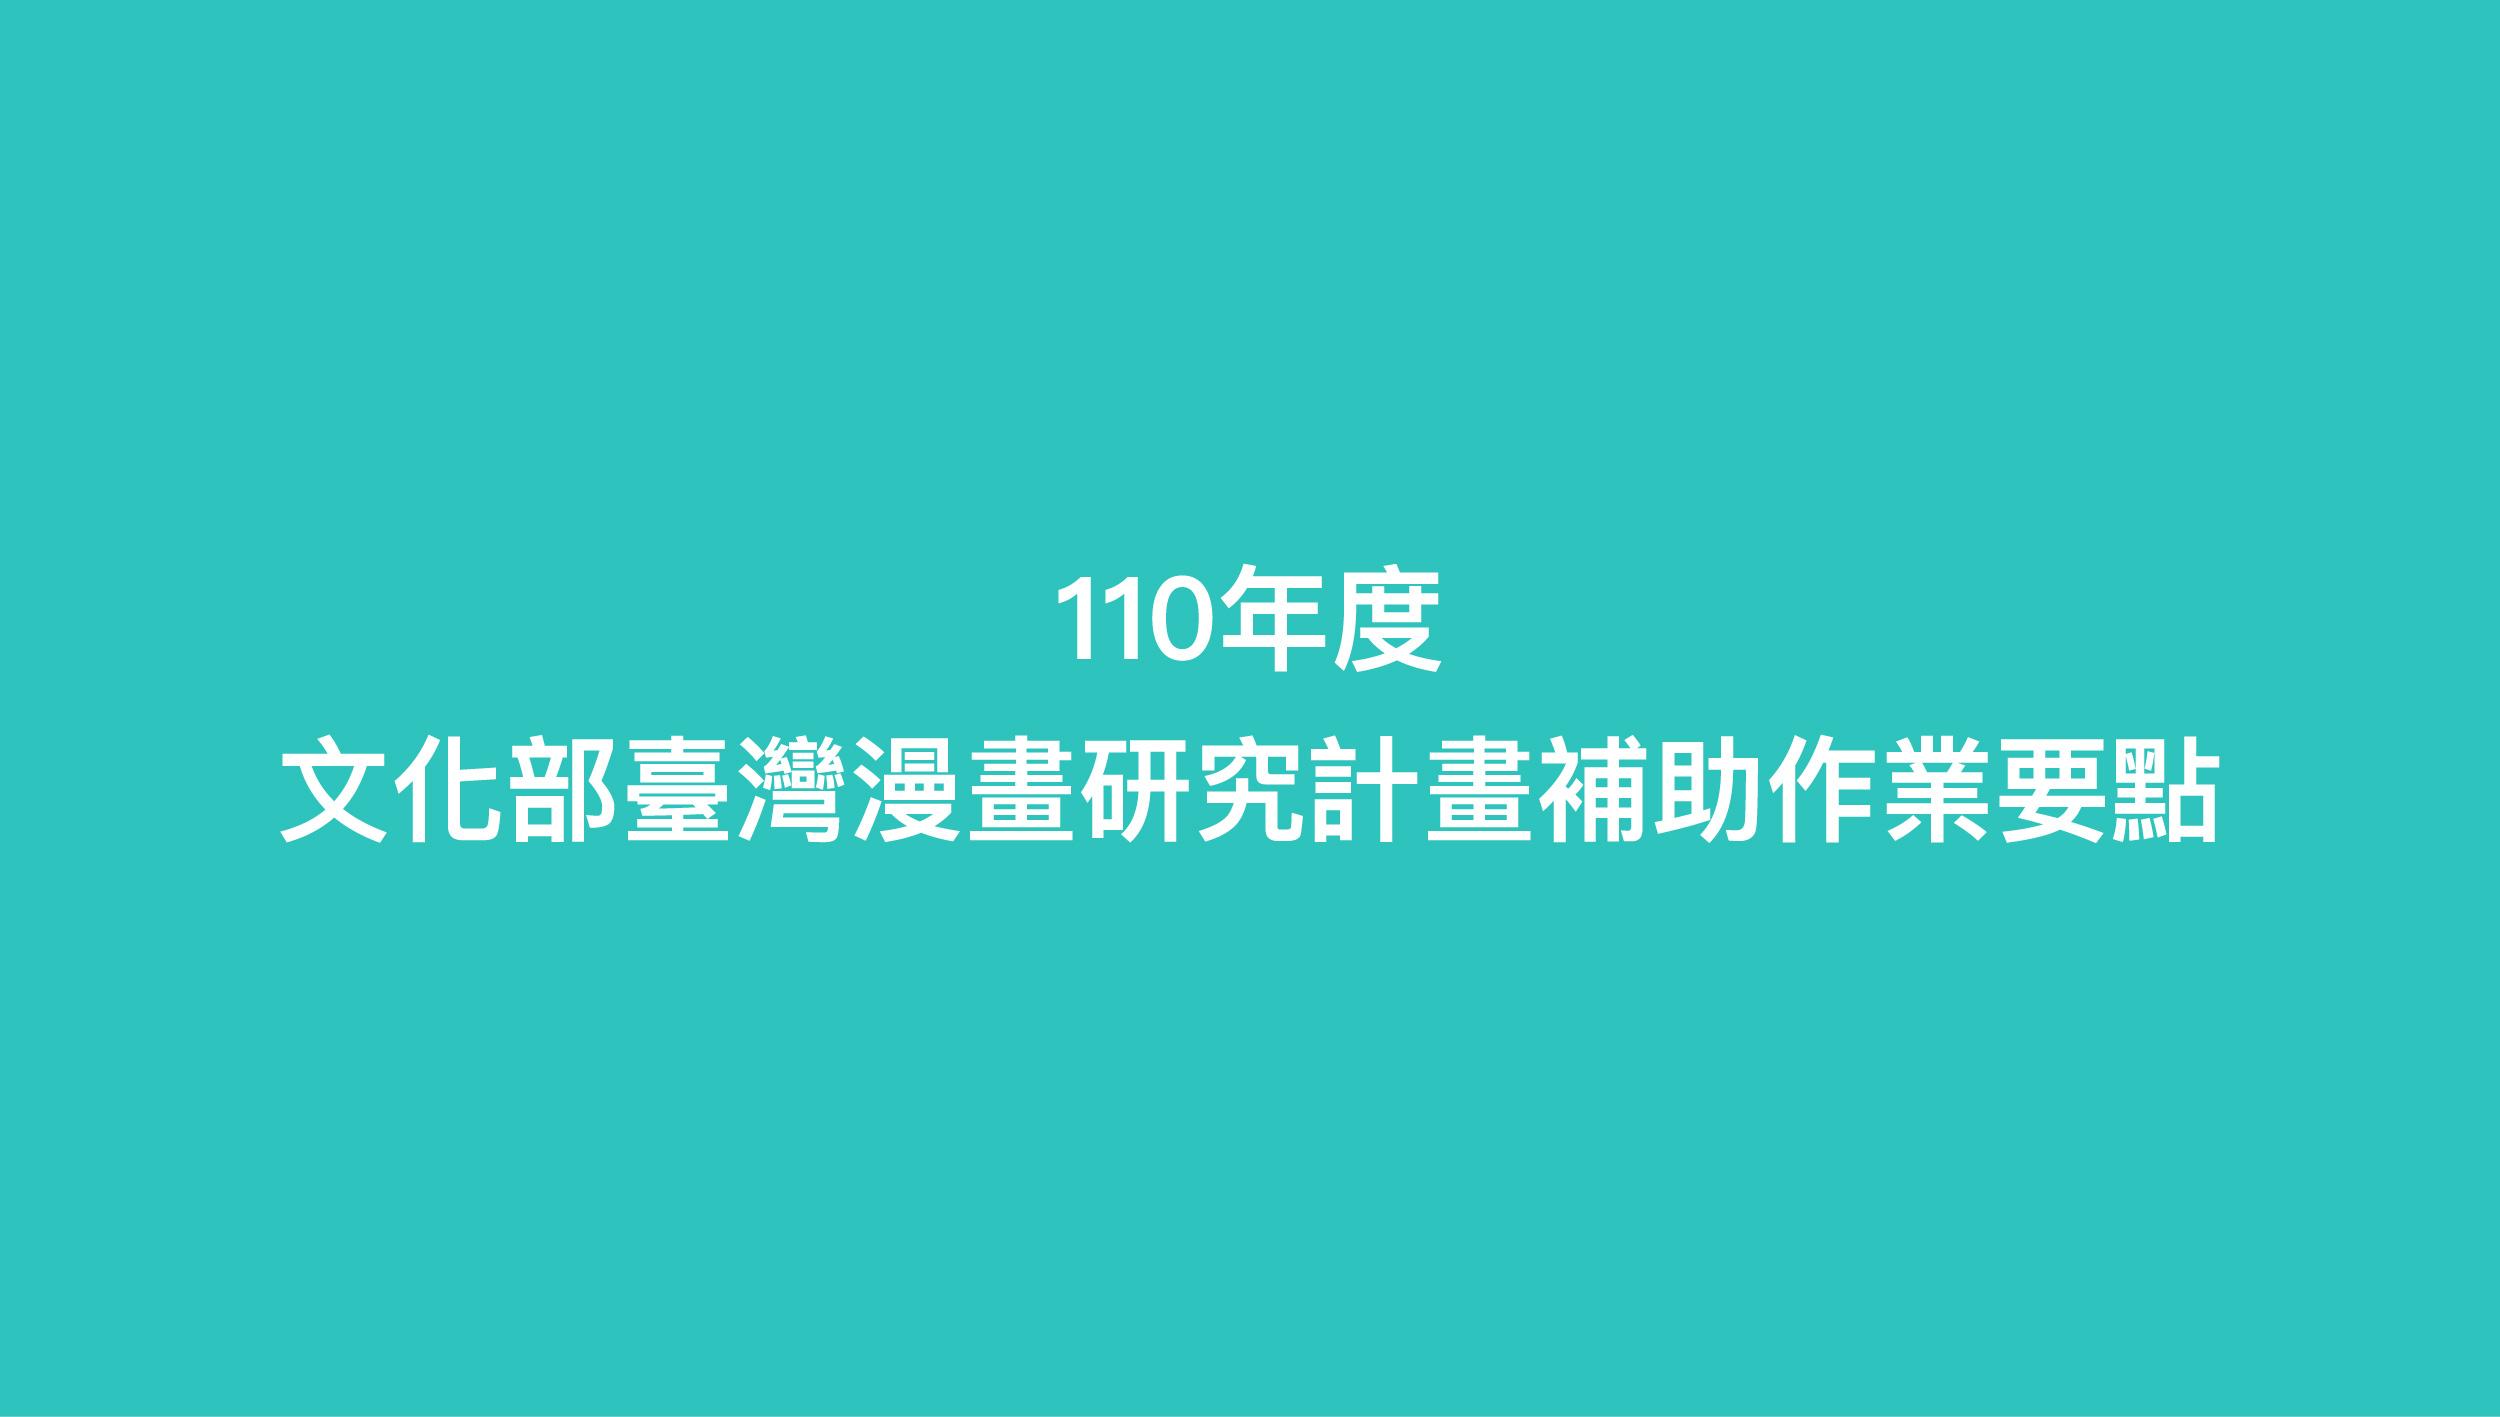 110年度文化部臺灣漫畫研究計畫補助作業要點